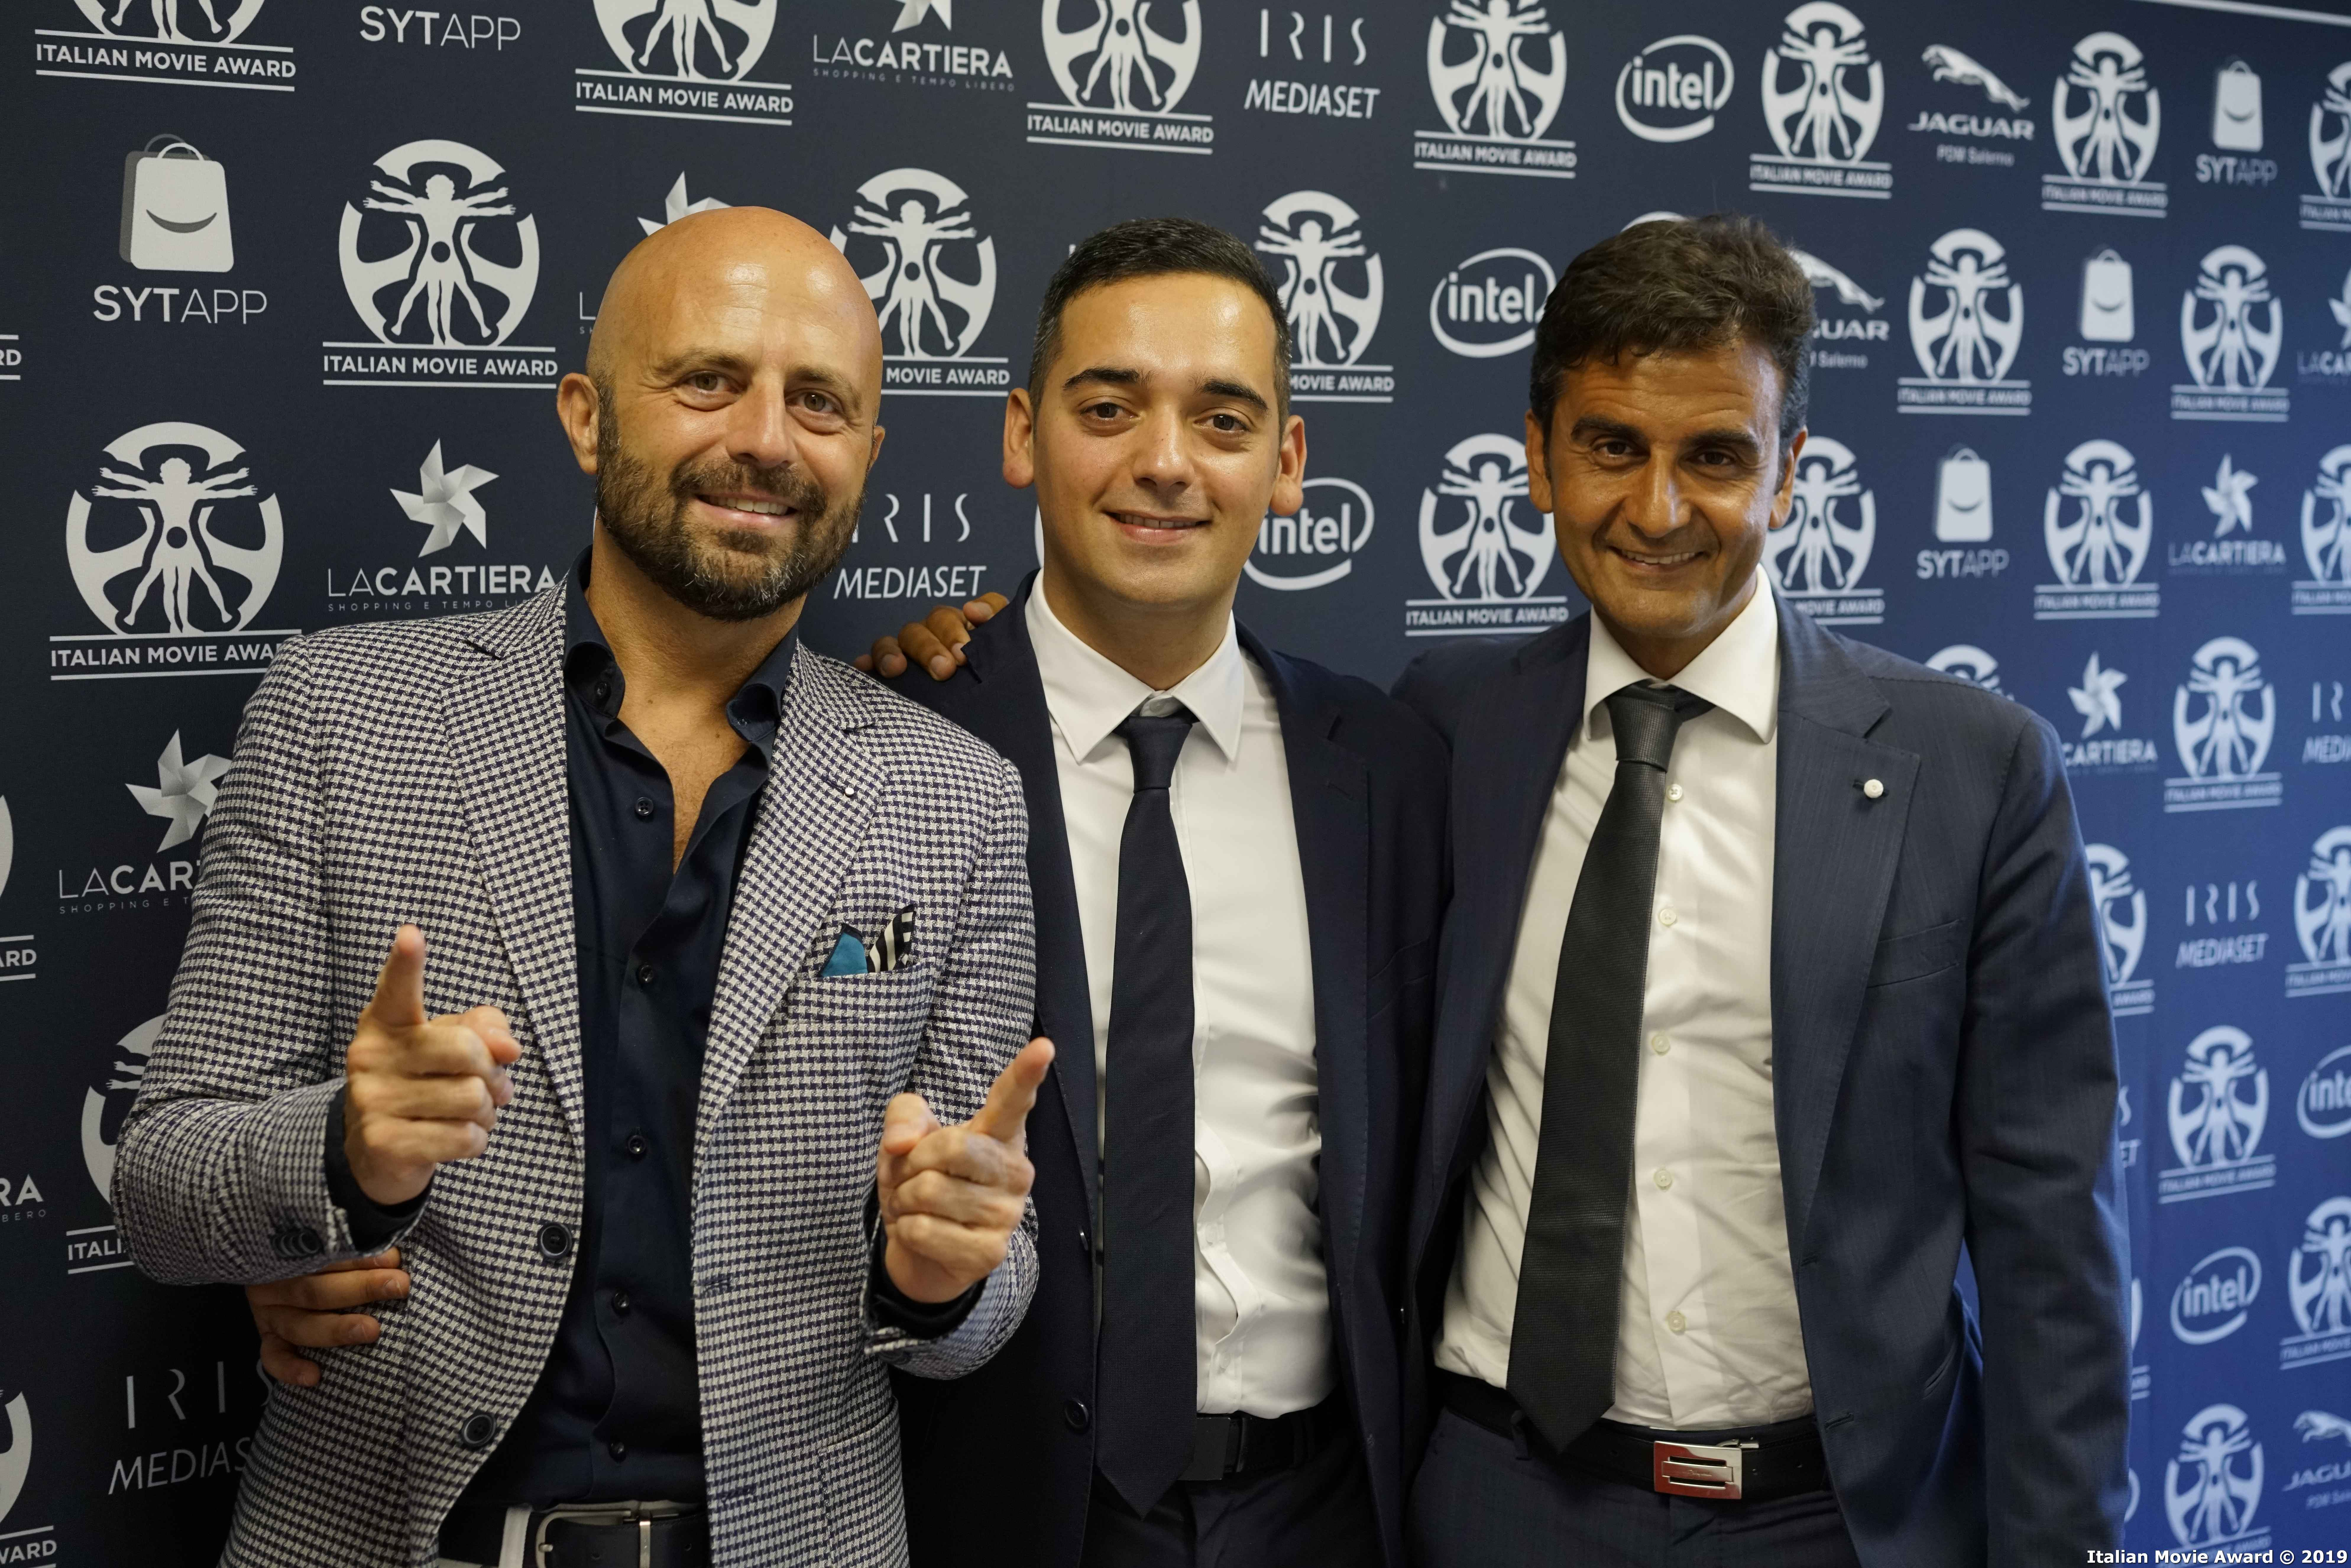 italian_movie_award_2019_conferenza_1_41